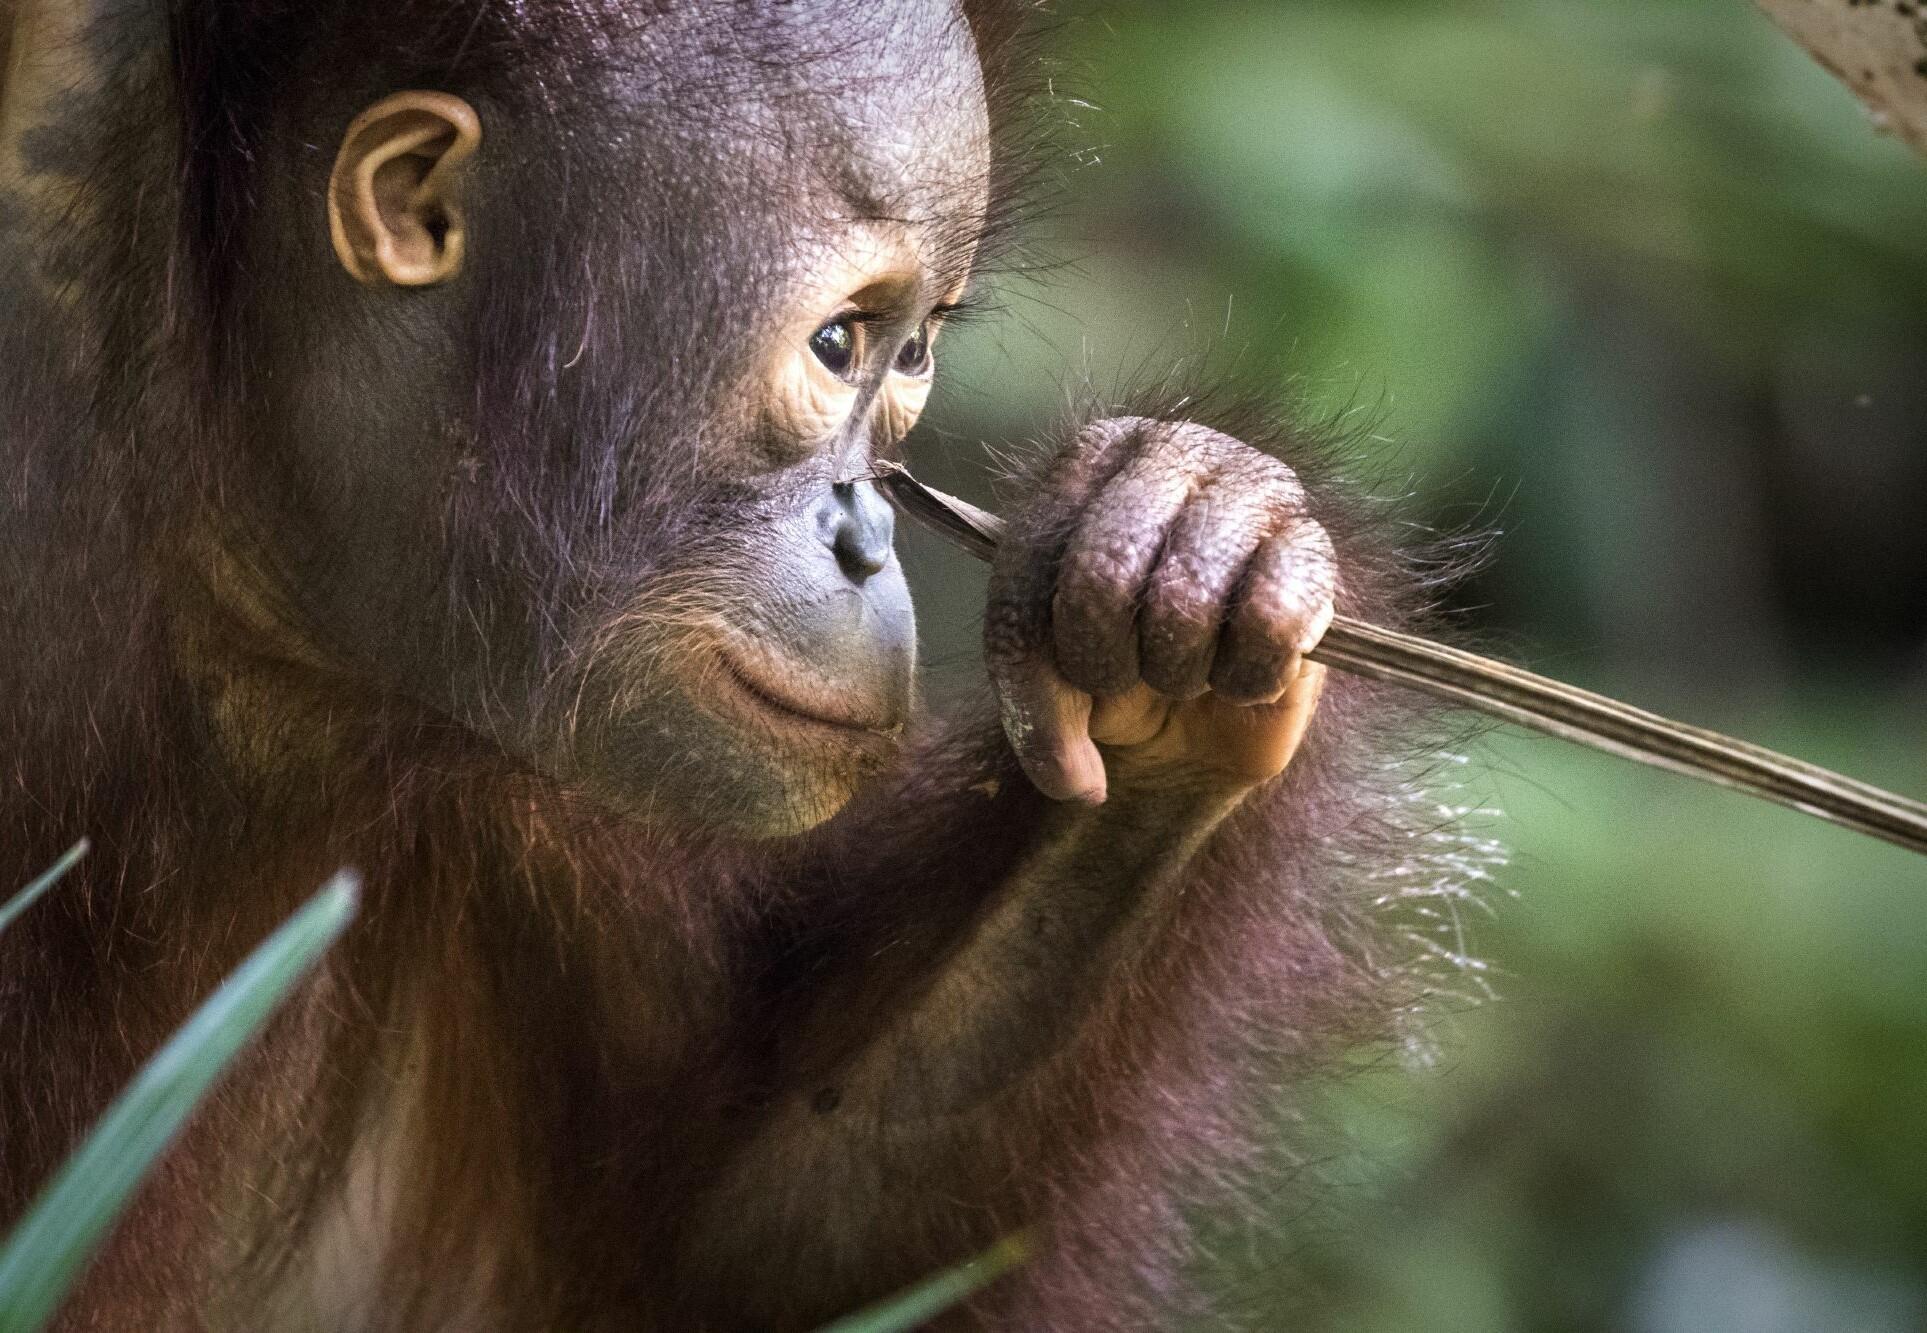 Orangutan at our ORANGUTAN FOREST SCHOOL